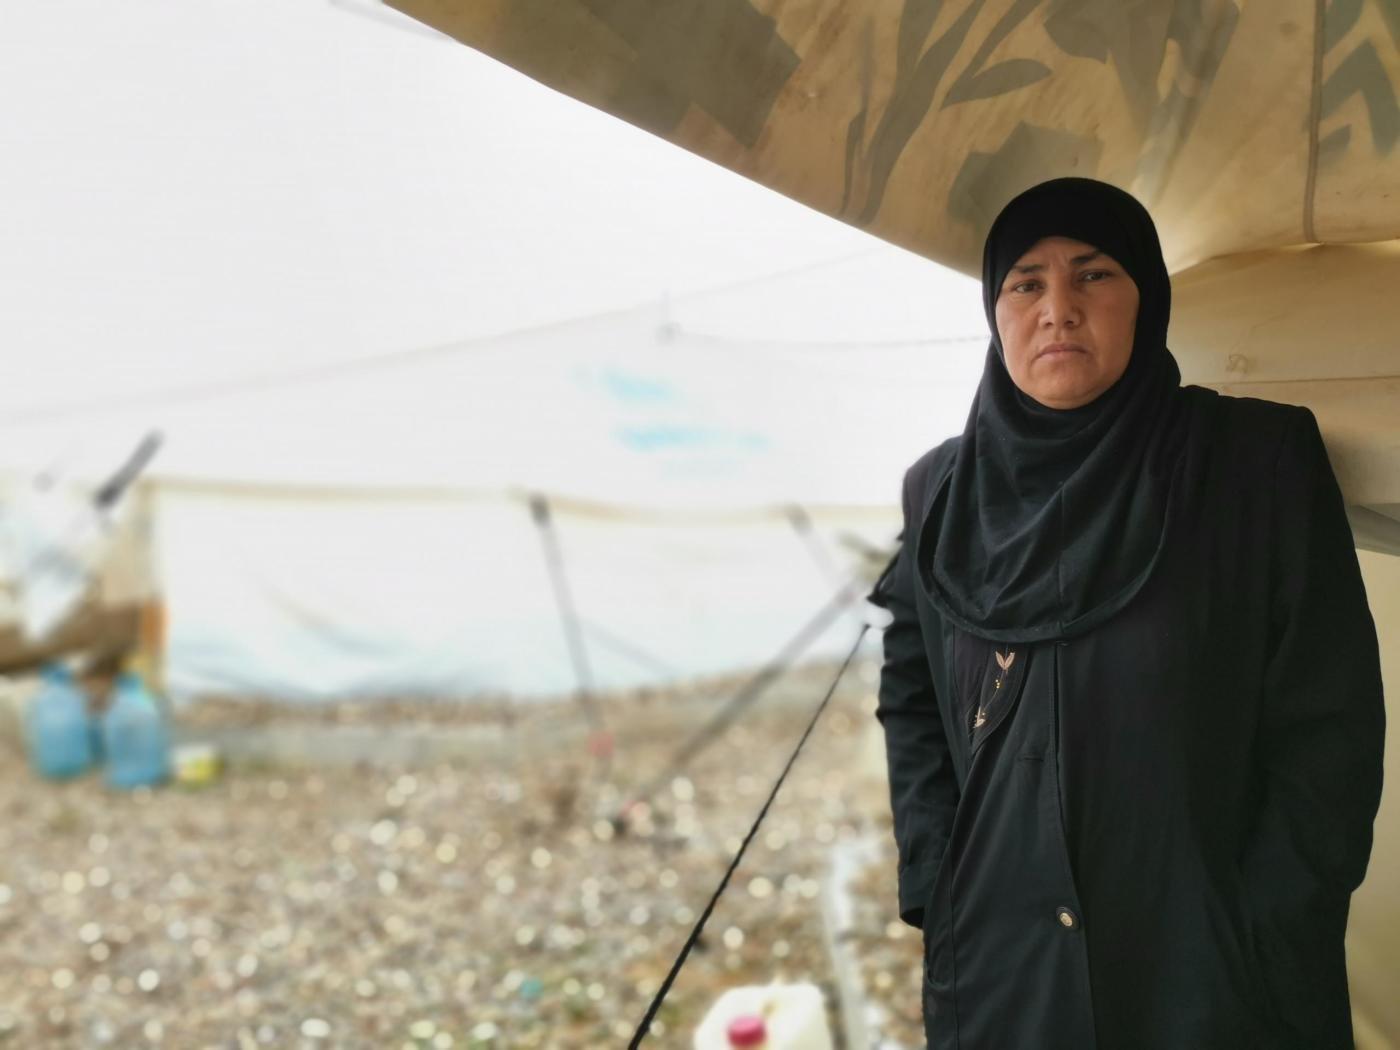 السيدة كتيبة 39 عاما تعيش في المخيم منذ 2018